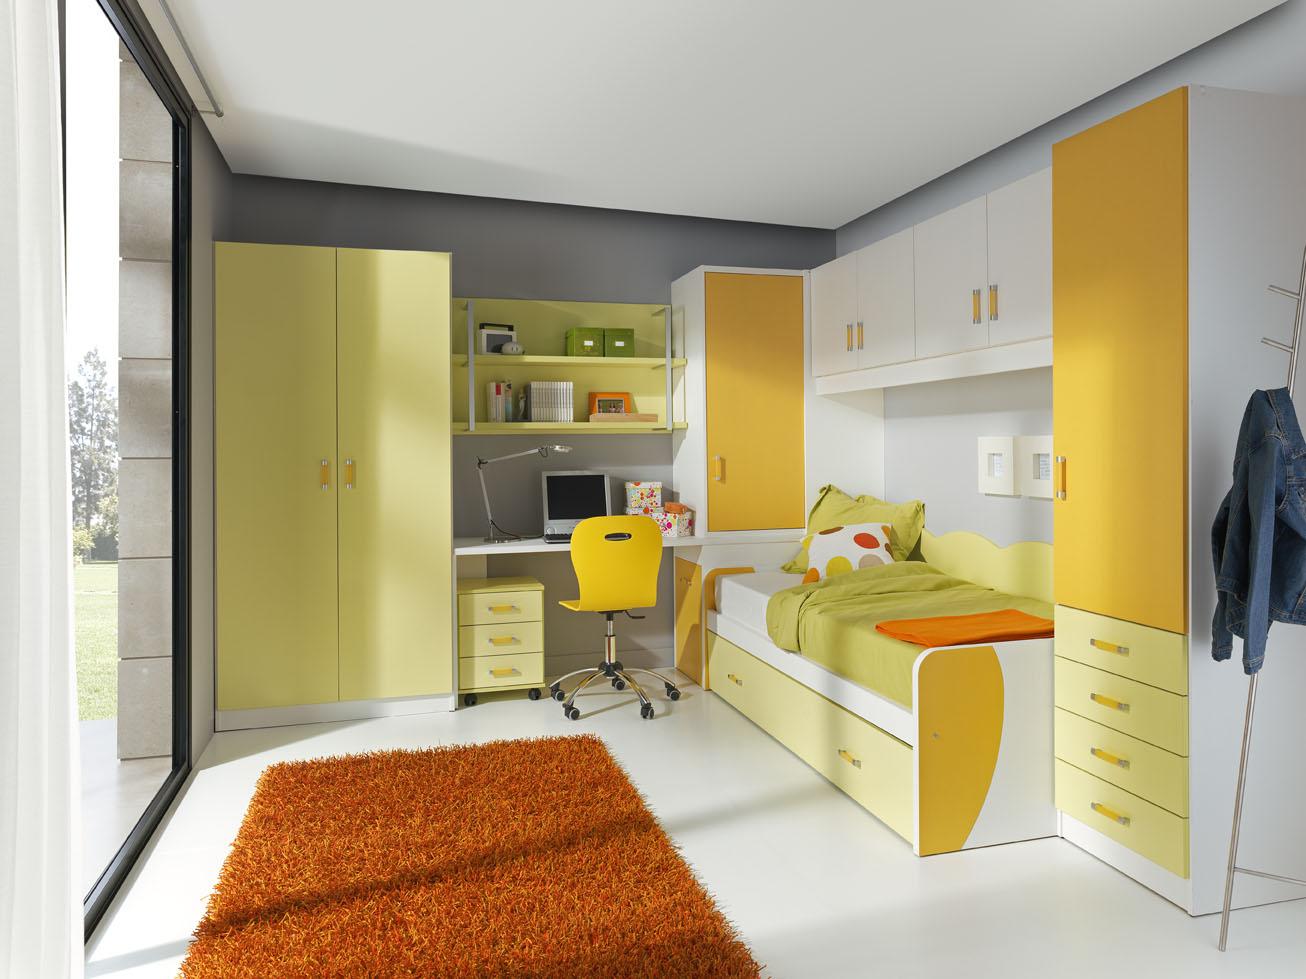 Habitaciones compartidas para ni os muebles orts blog for Muebles dormitorio juvenil